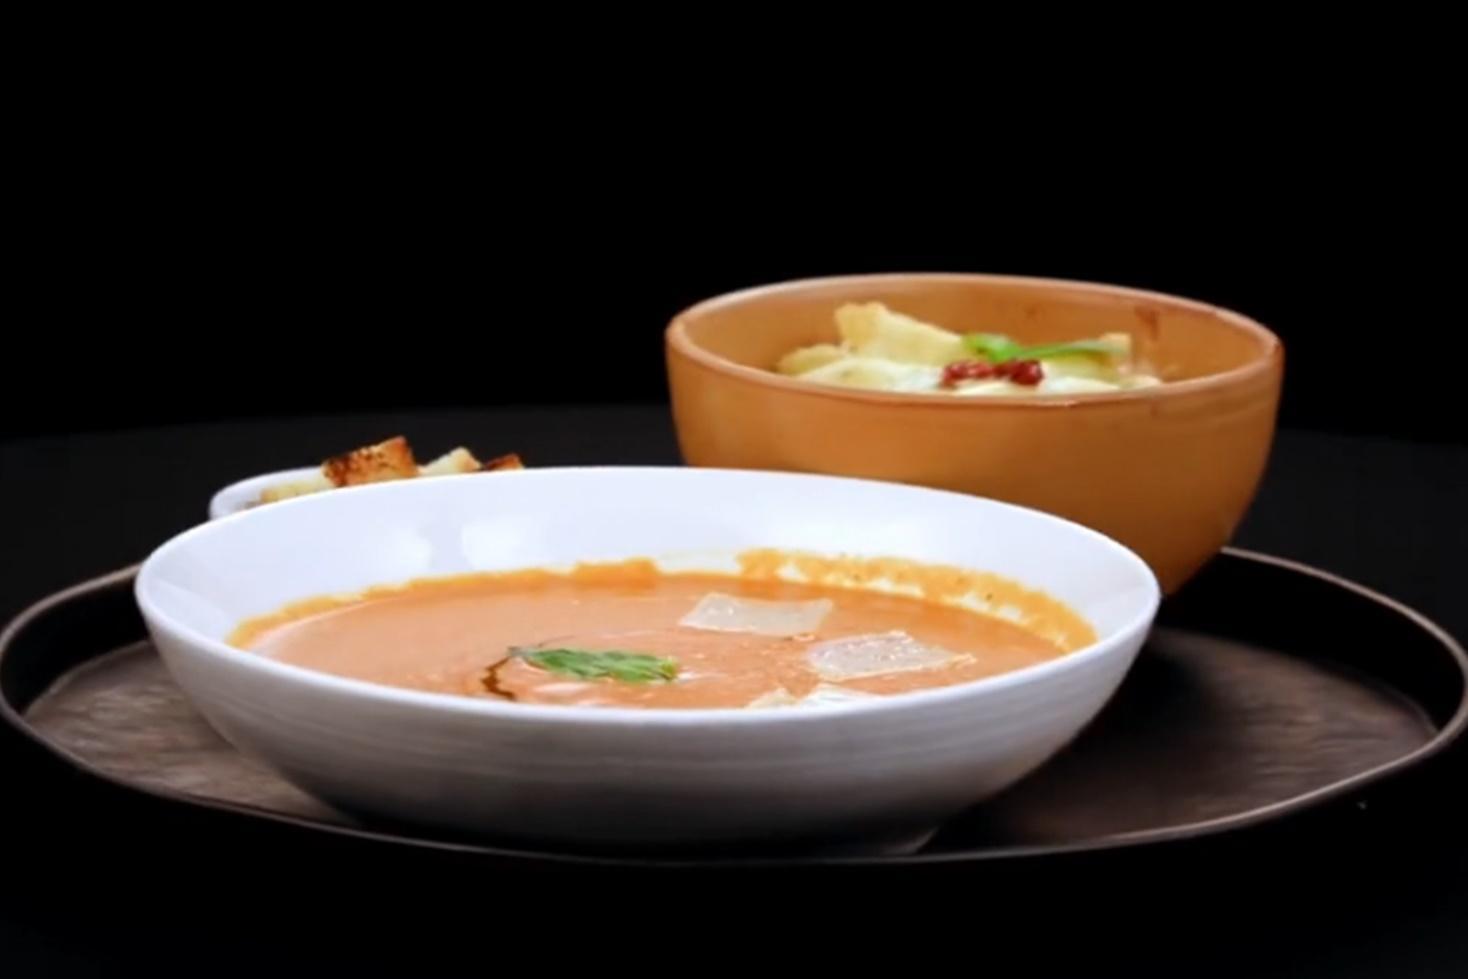 Chefi la cuțite, 19 aprilie 2021. Supă cremăsiciliană de roșii și Penne quattro formaggi cu roșii uscate, gătite de Ioana Cutugno